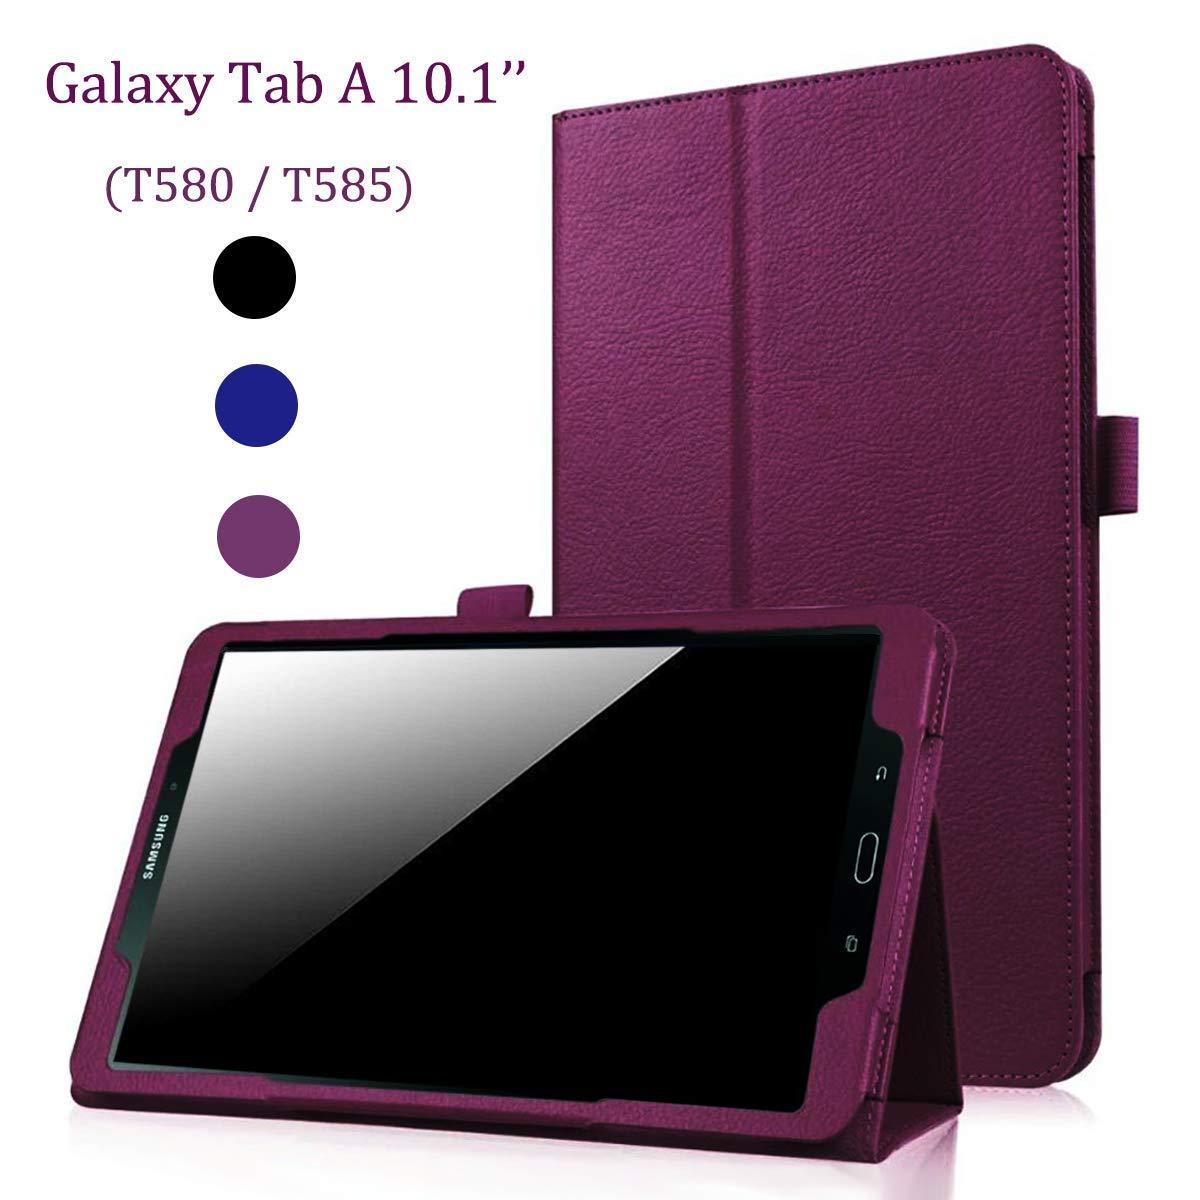 [宅送] EAGKORD PUレザー Samsung B07LCJHRB2 Galaxy Tab A 10.1ケース PUレザー EAGKORD スマートフォリオスタンドケースカバー Galaxy Tab A 10.1インチT580に対応 パープル USEAKT580PR003 パープル B07LCJHRB2, 湯布院町:5dbe4b36 --- a0267596.xsph.ru